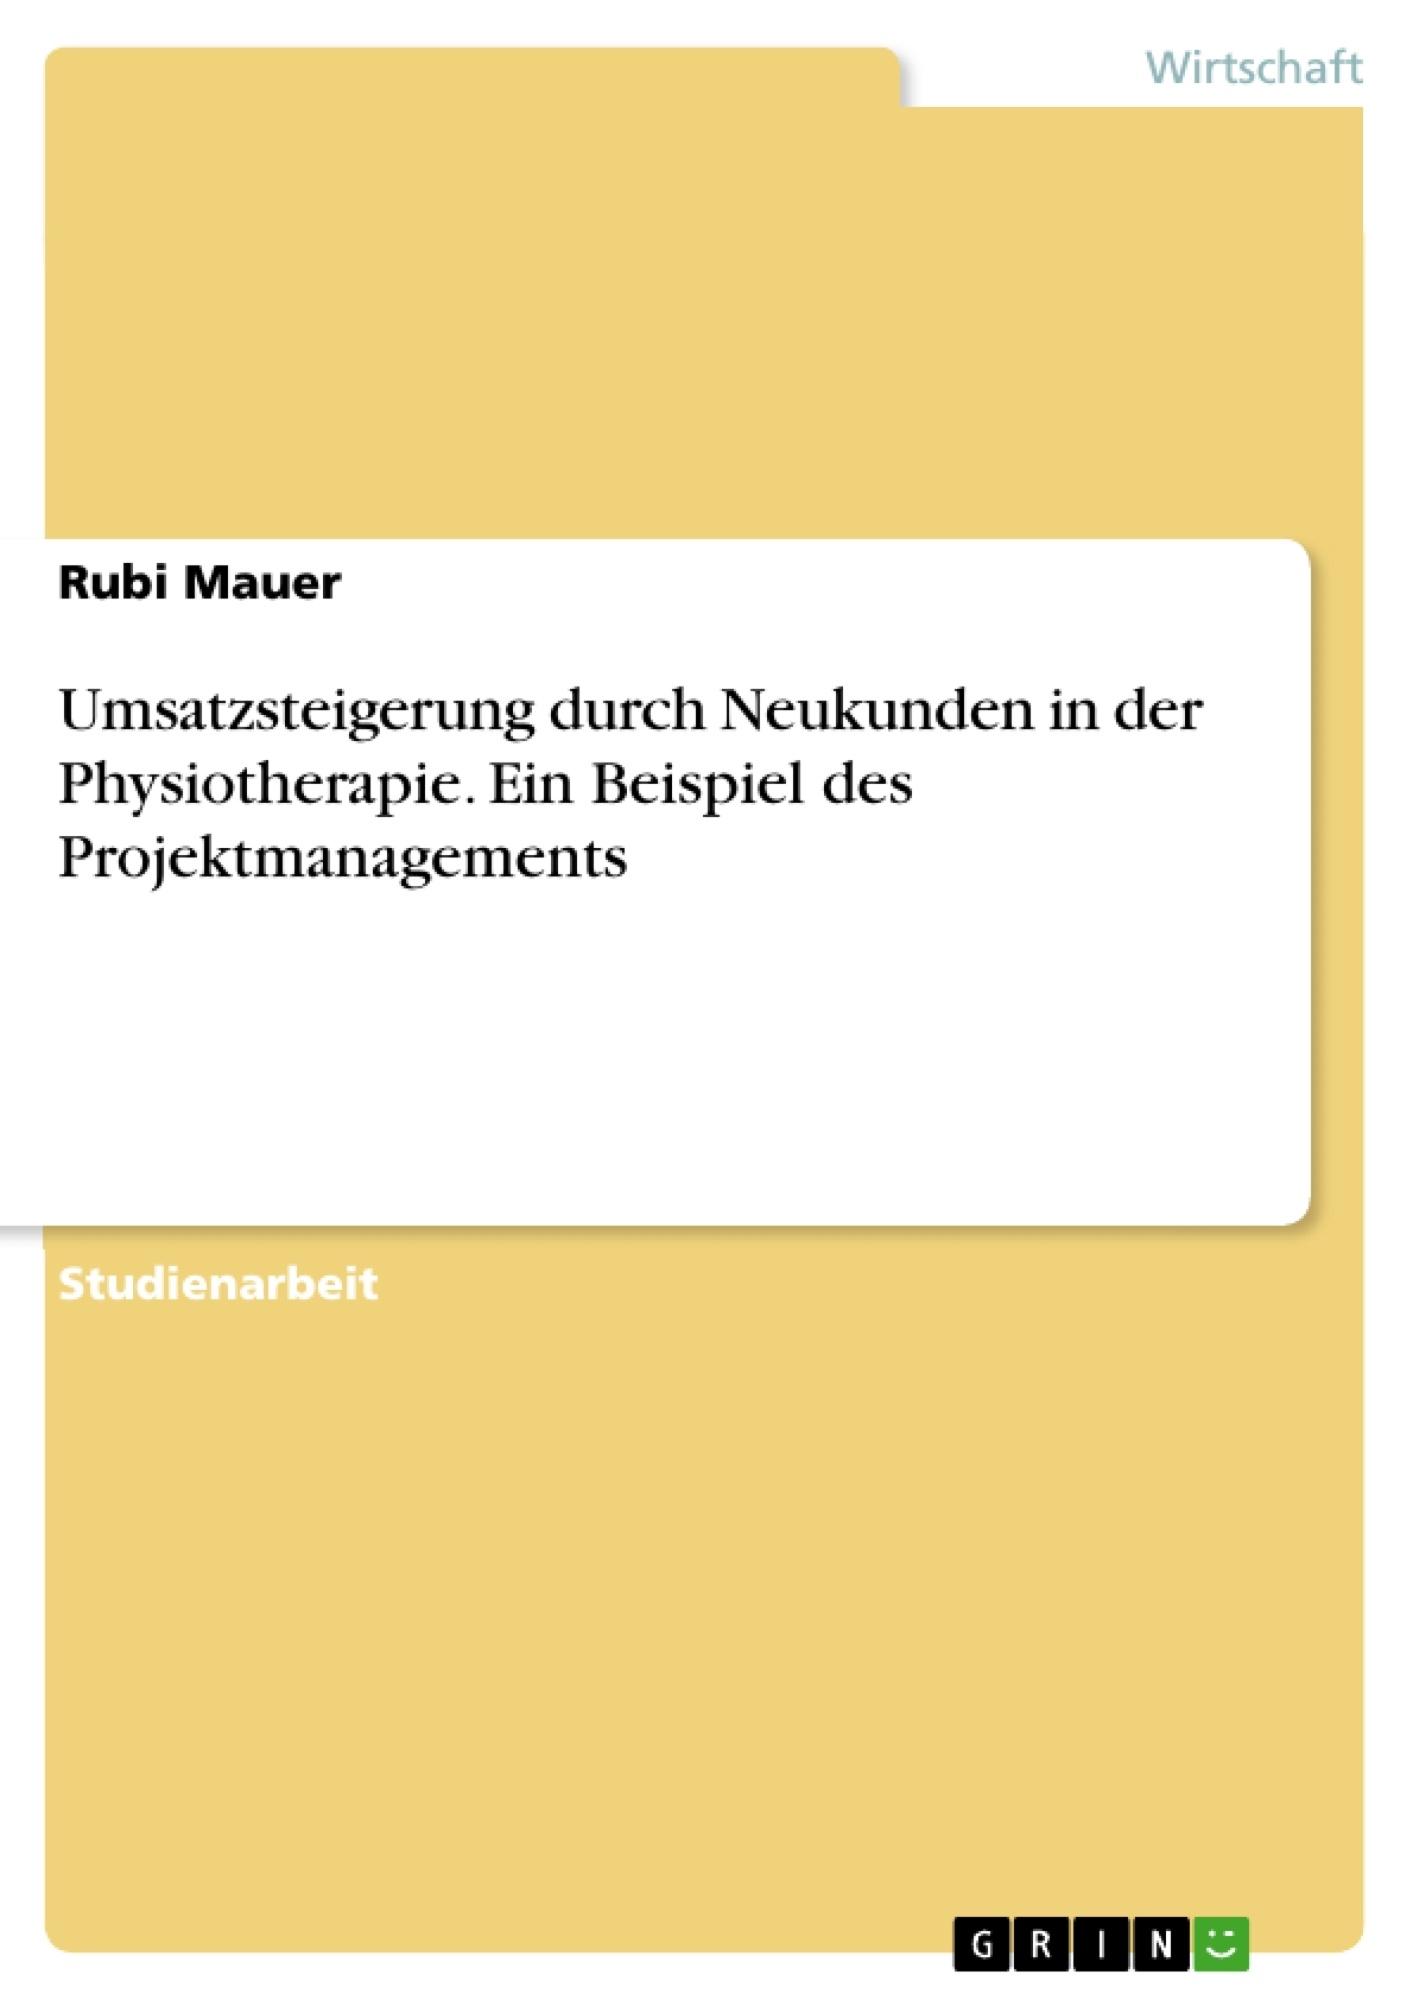 Titel: Umsatzsteigerung durch Neukunden in der Physiotherapie. Ein Beispiel des Projektmanagements